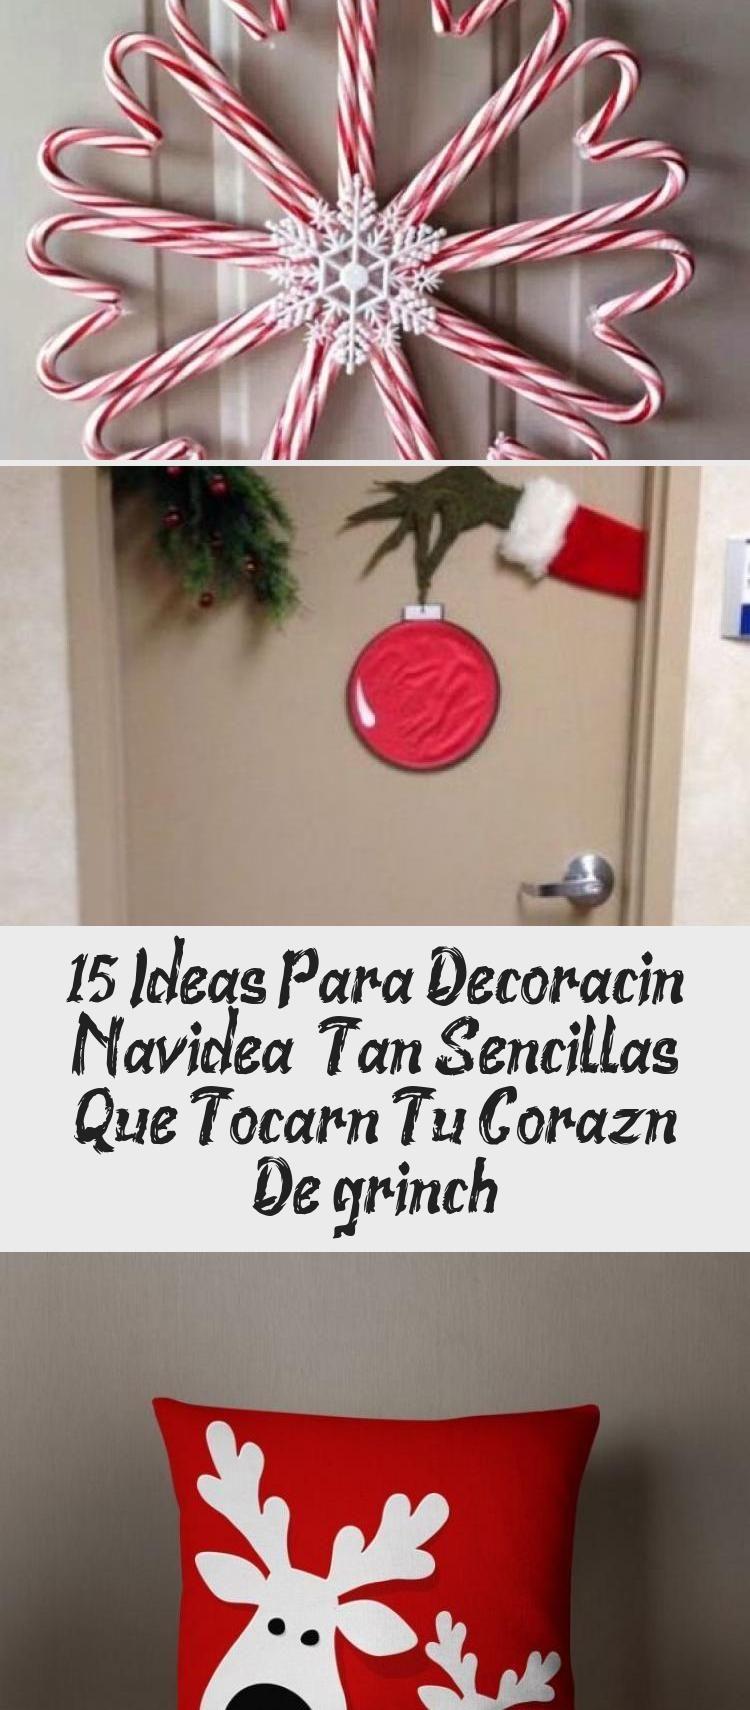 Navidad es la época ideal para demostrar tu creatividad, decorando tu hogar con manualidades fáciles hechas con materiales reciclados. Para lograr hacerlas no se requiere de grandes cantidades de dinero, solo de disposición y un poco de tiempo.  Siguiendo estas ideas puedes crear adornos bonitos, sencillos y prácticos para colocarlos en las puertas, el árbol o en la mesa #HomeDecorDIYVideosProjects #HomeDecorDIYVideosApartment #HomeDecorDIYVideosOnABudget #HomeDecorDIYVideosIdeas #HomeDecorDIYVi